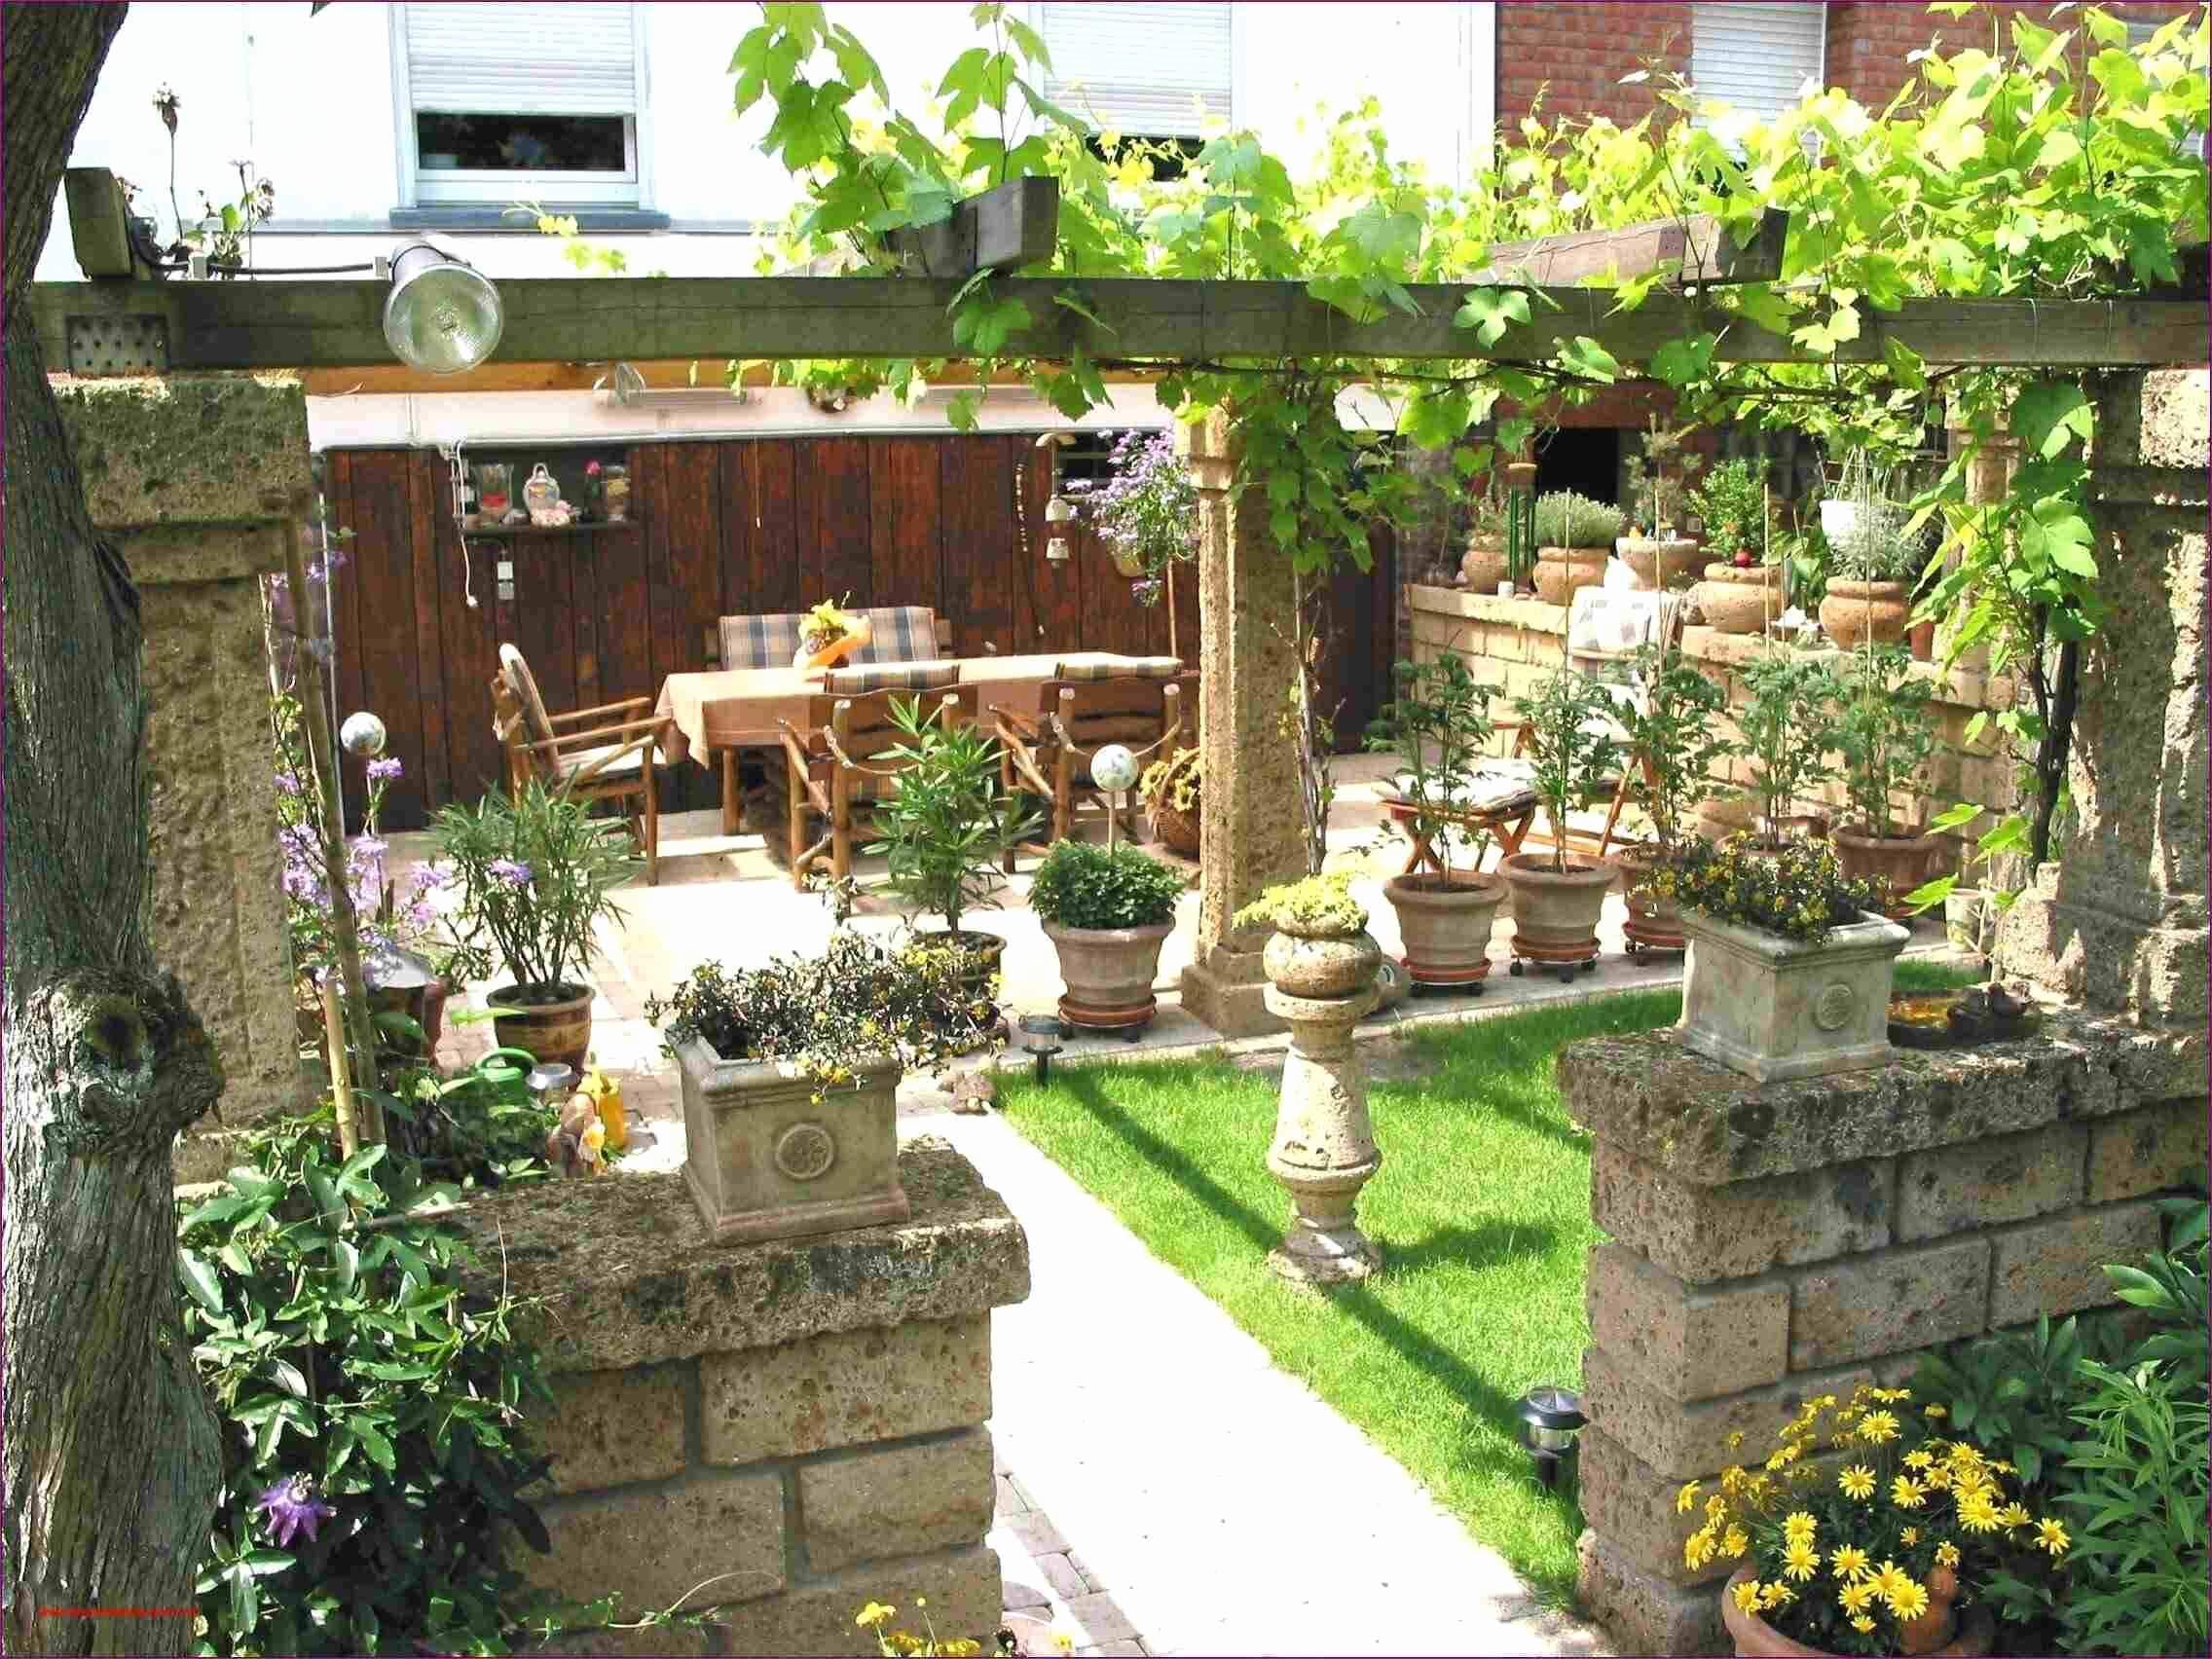 Garten Sichtschutz Ideen Inspirierend Gartengestaltung Bilder